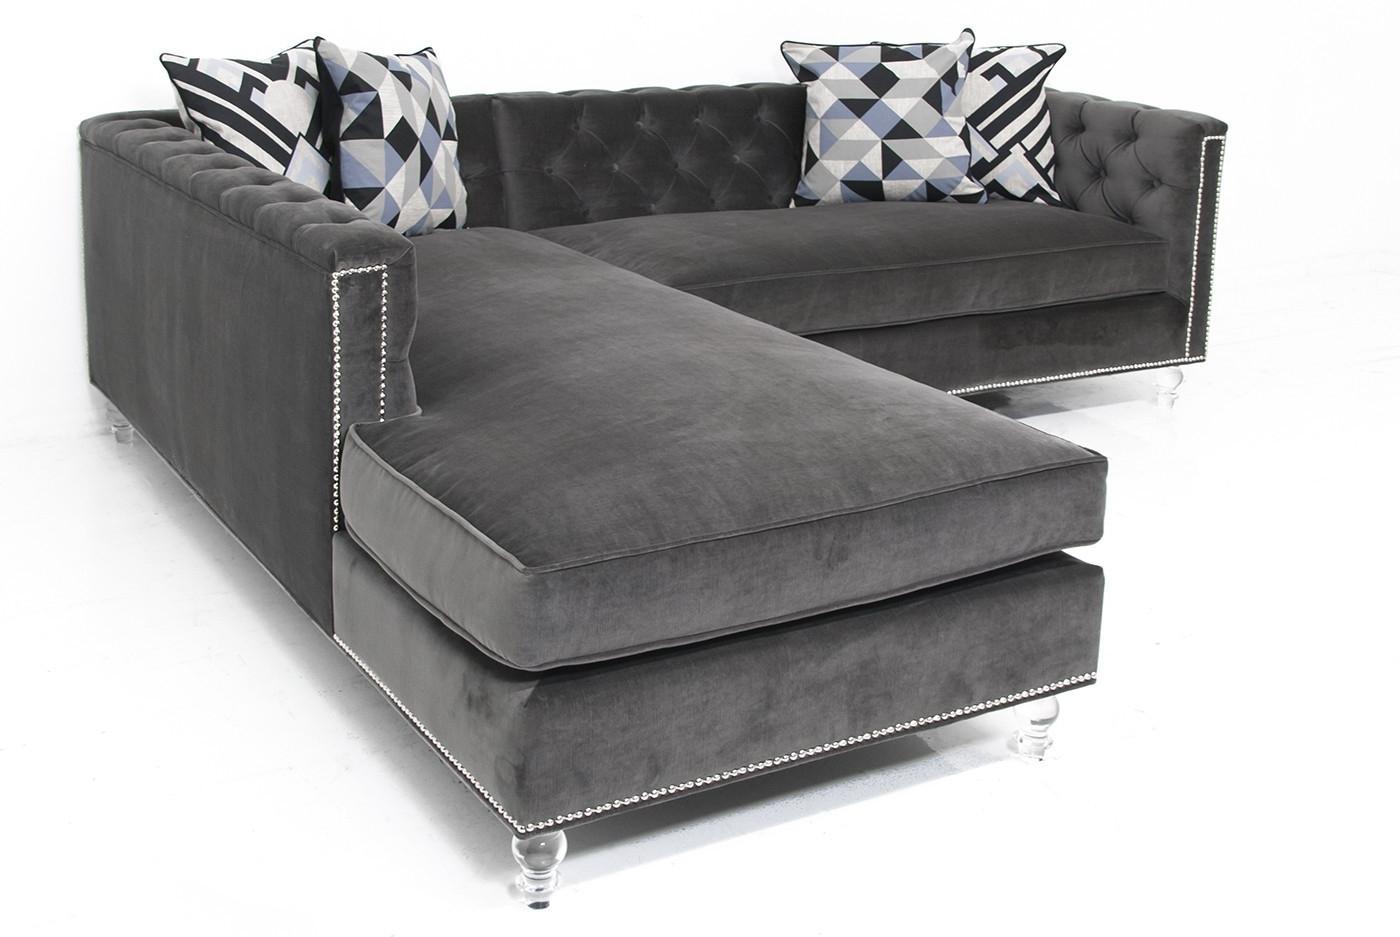 Living Room : Living Room Furniture Classic Gray Velvet Fabric Within Favorite Velvet Sectional Sofas (View 7 of 20)